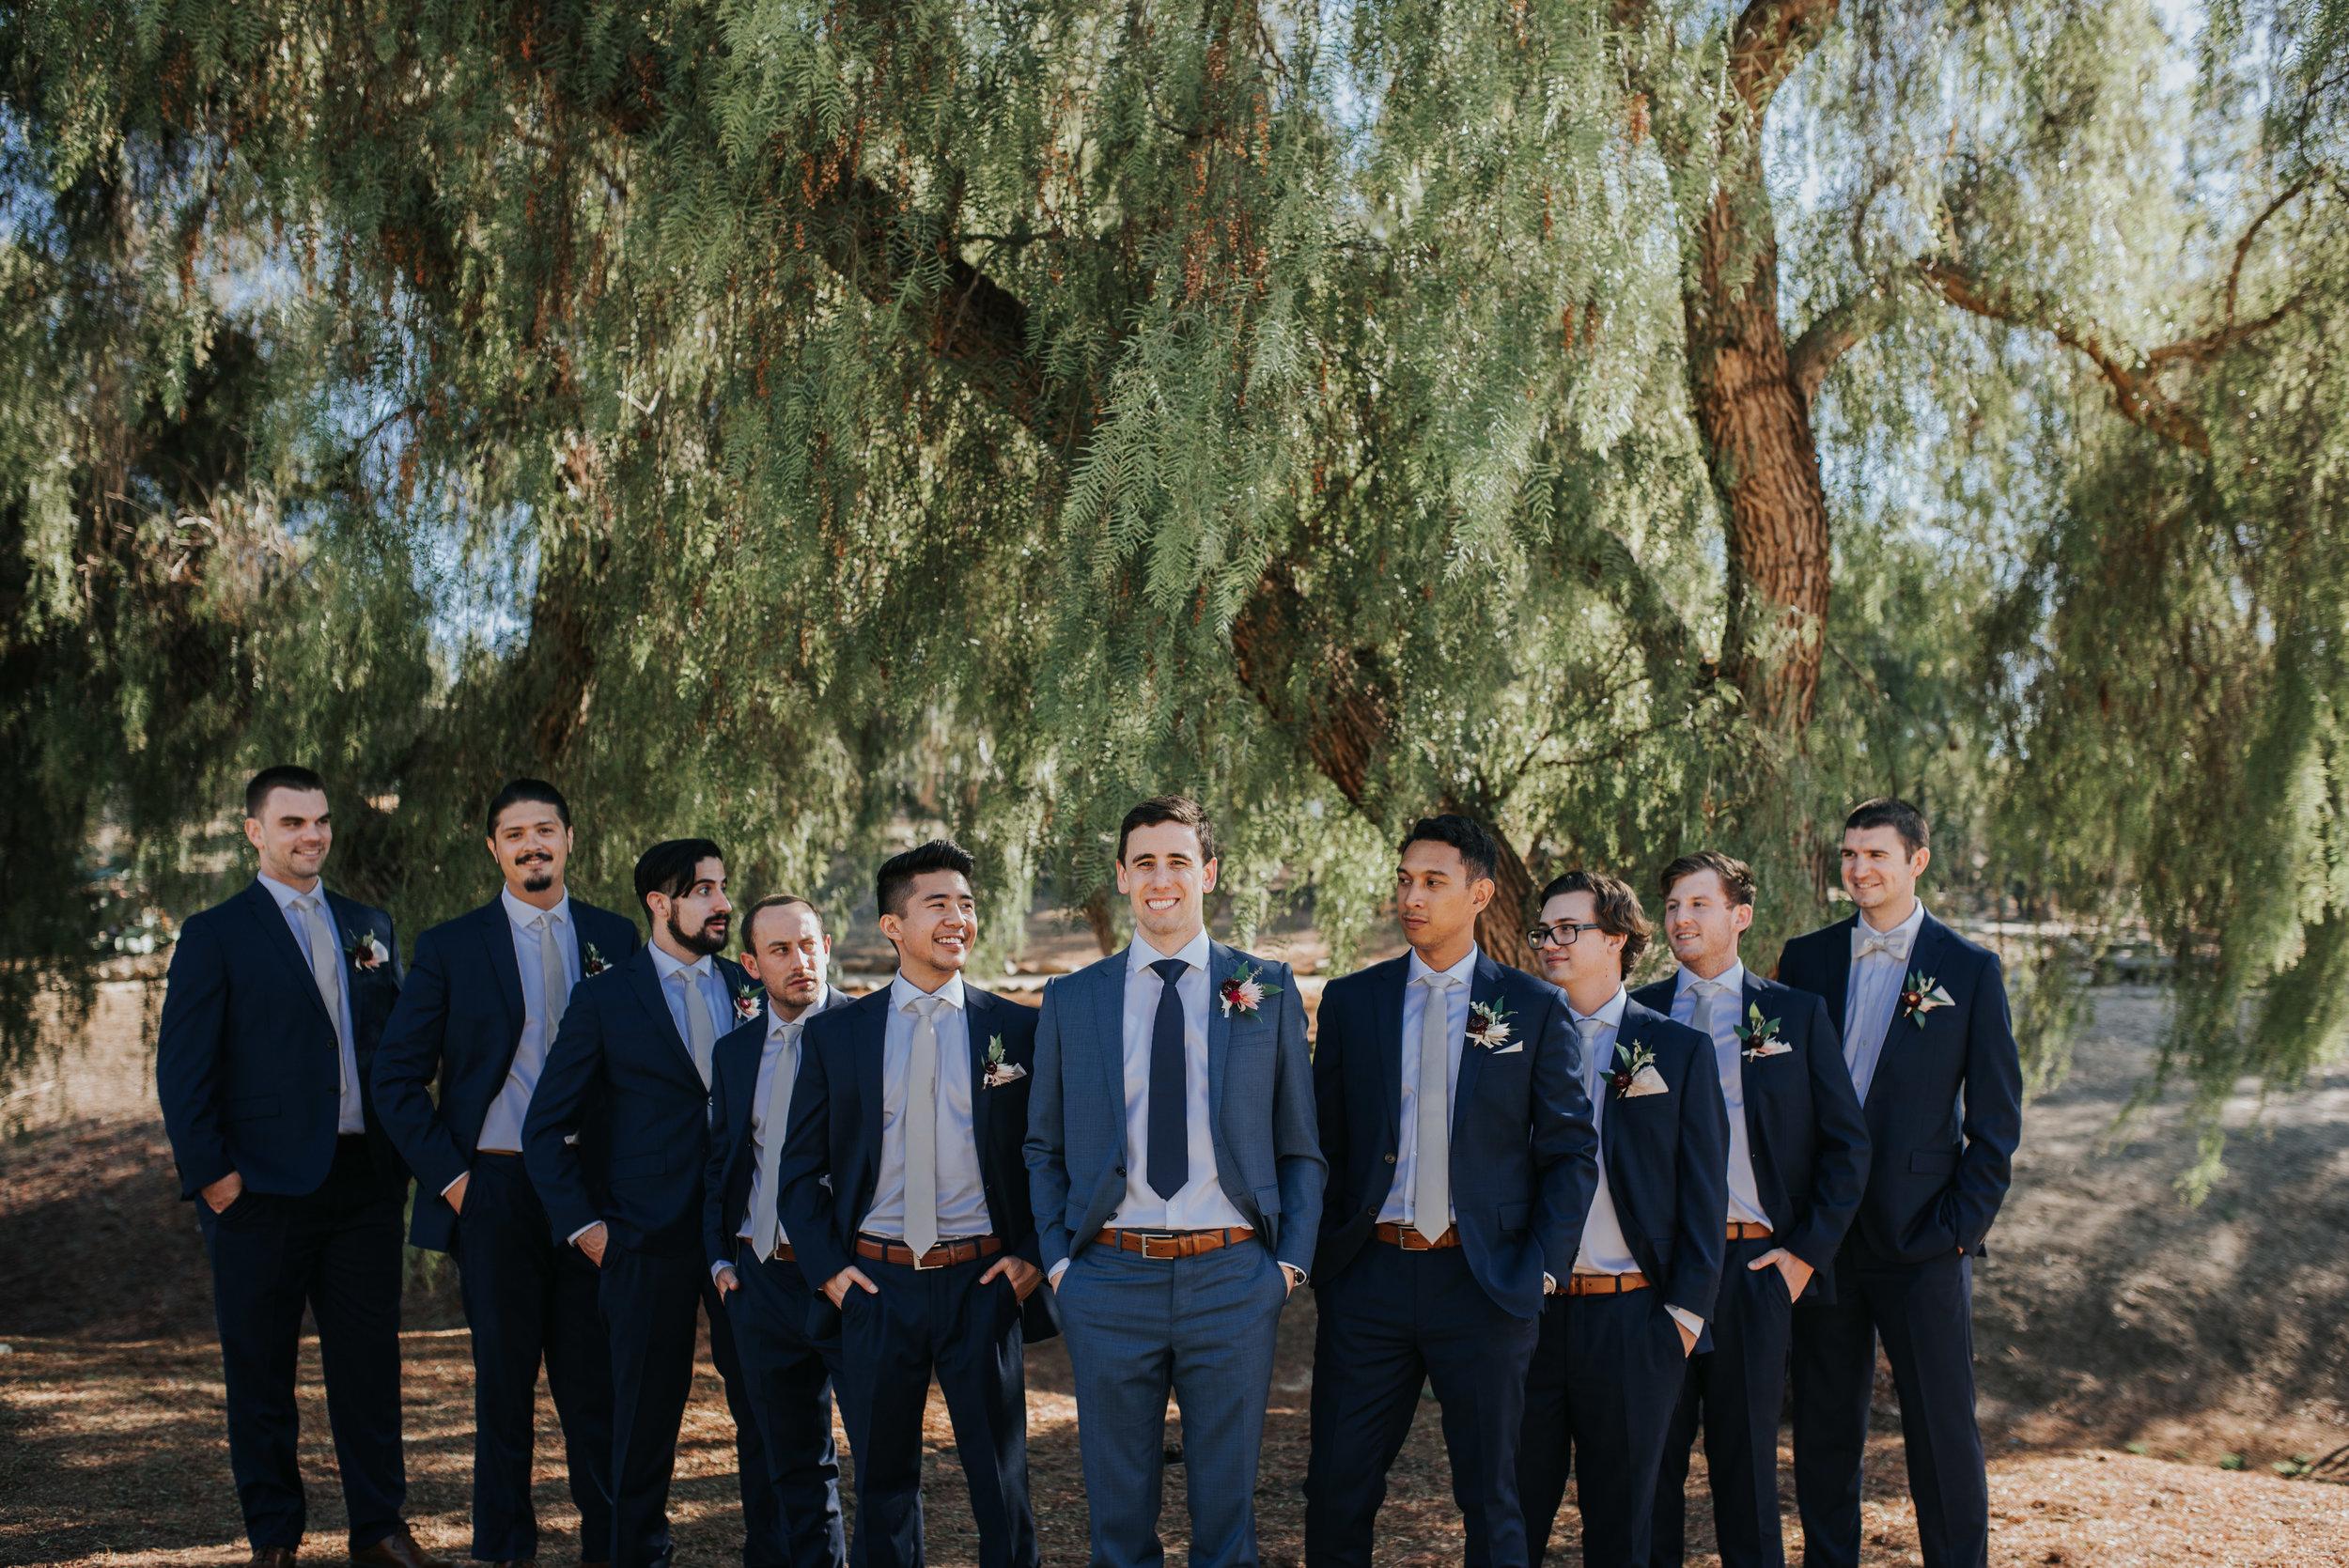 weddingparty-88.jpg